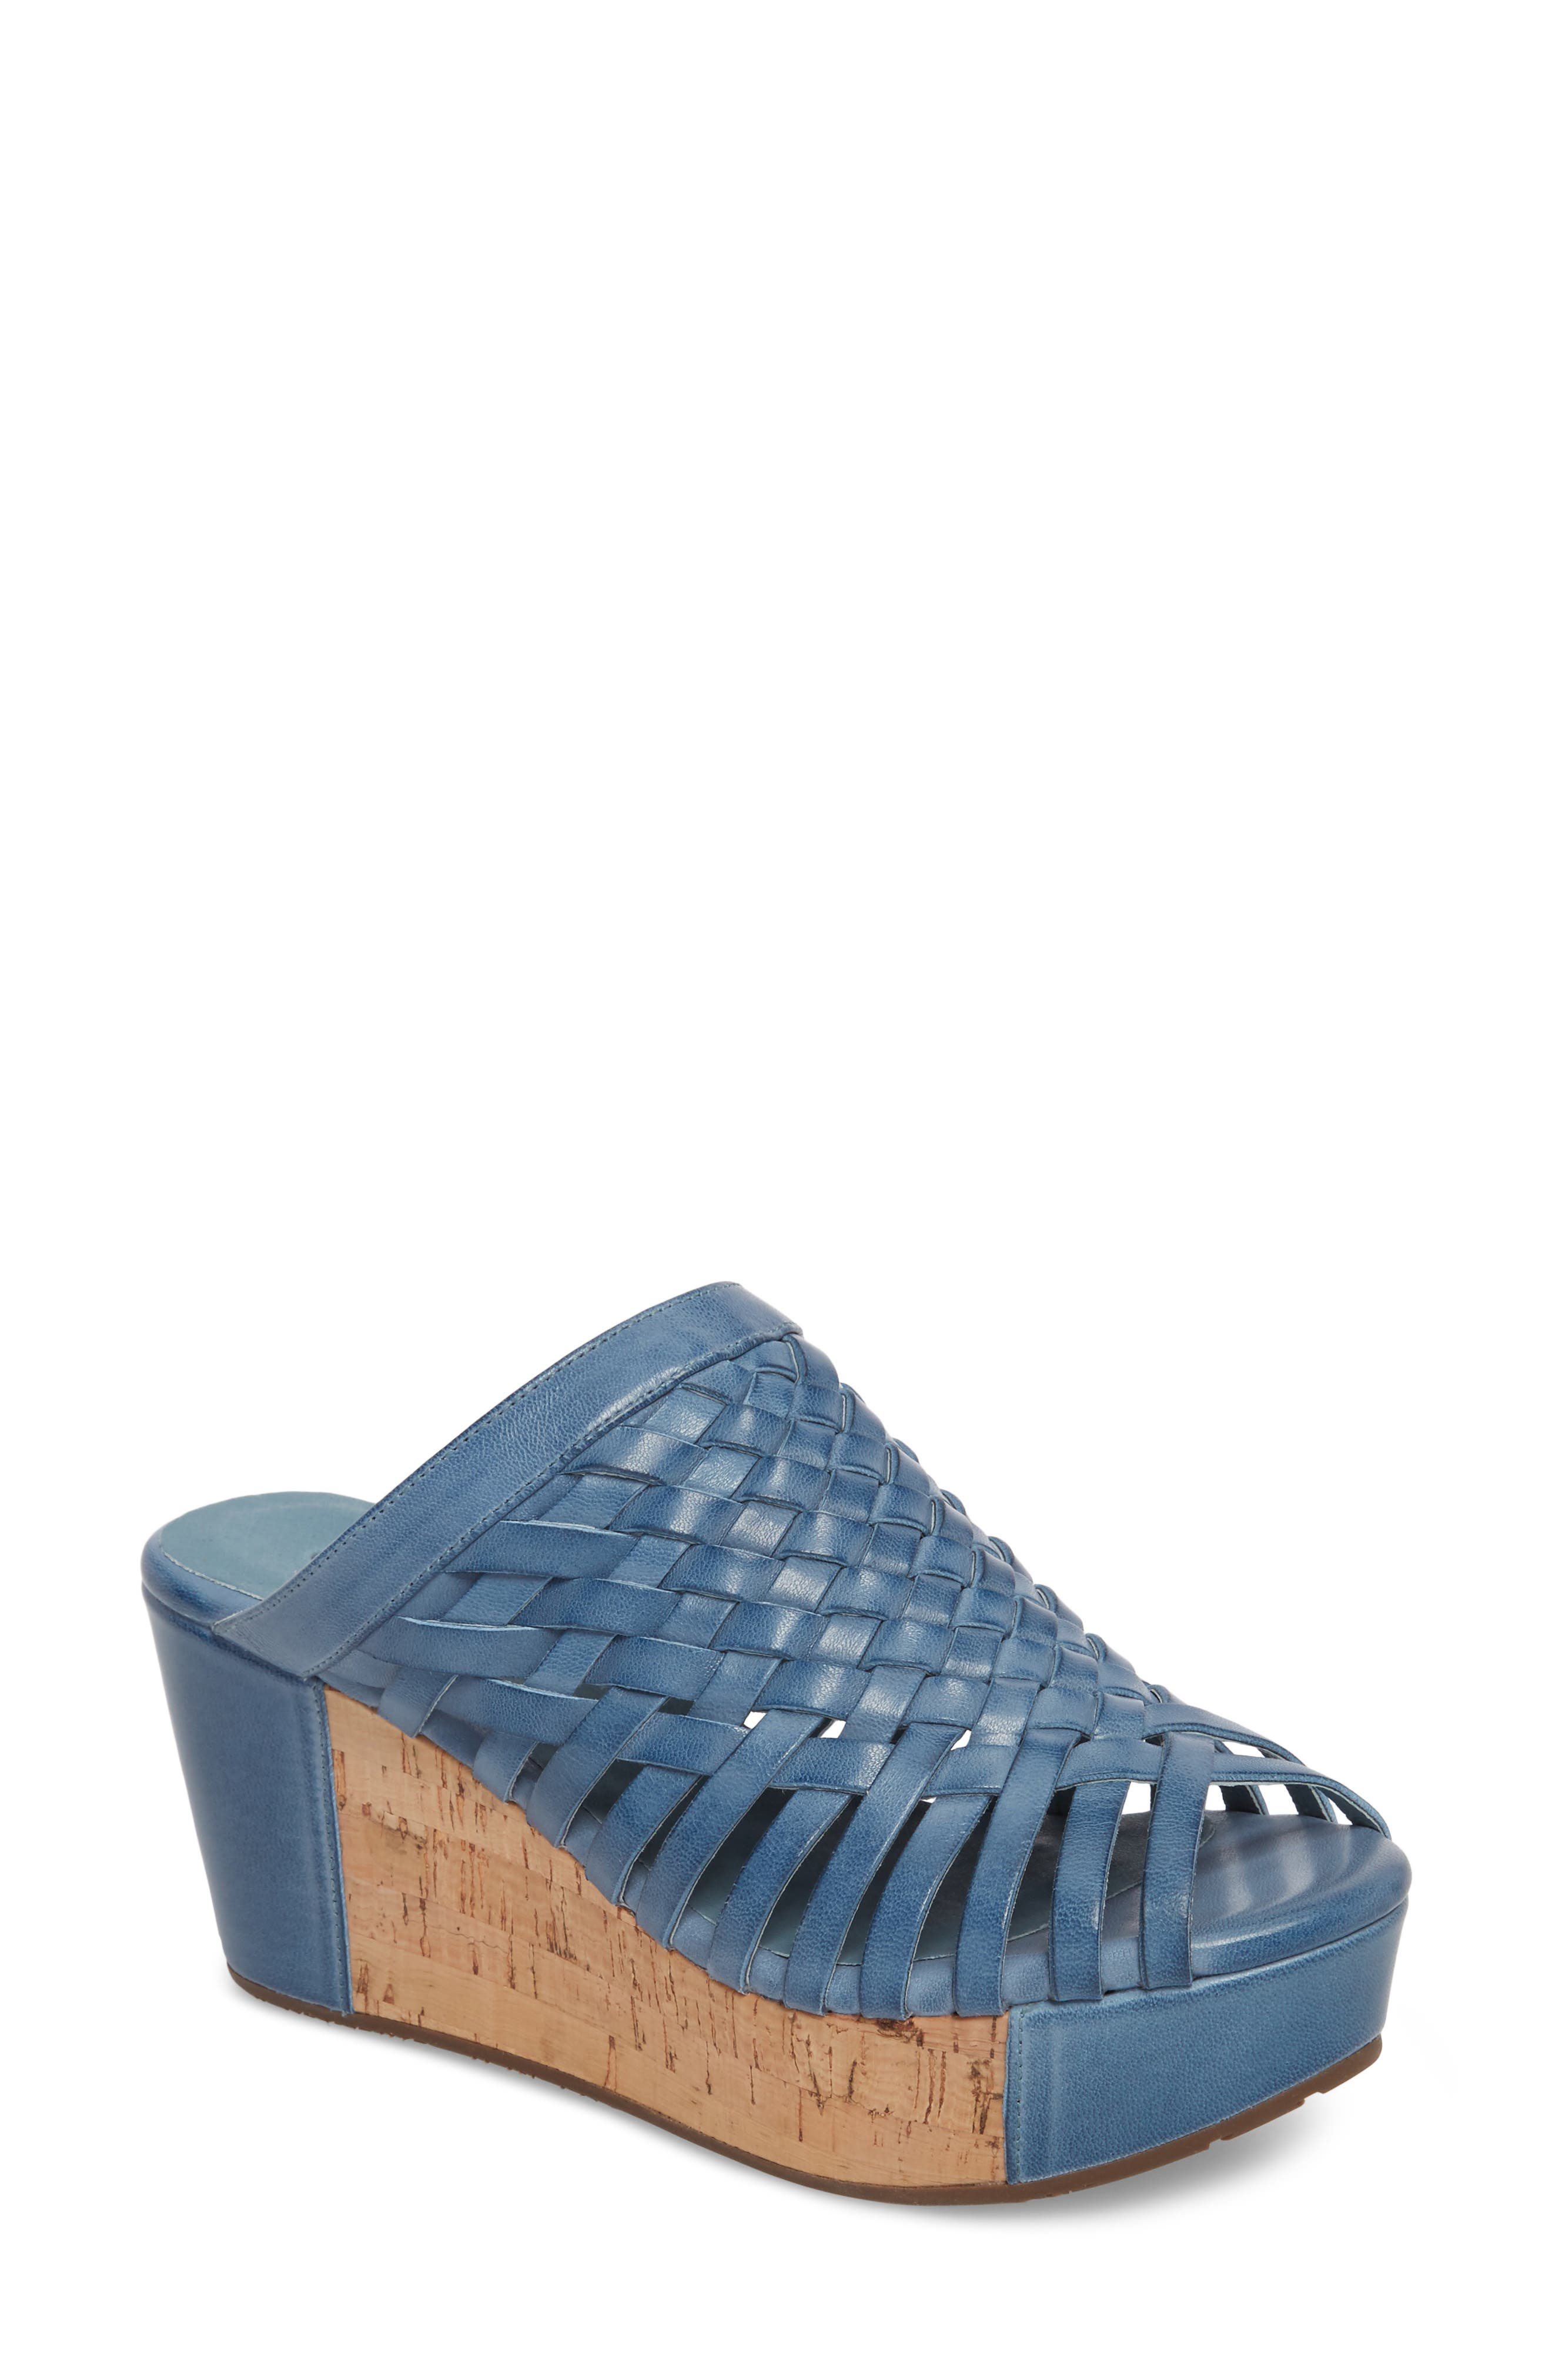 Chocolat Blu Walda Platform Wedge Sandal (Women)